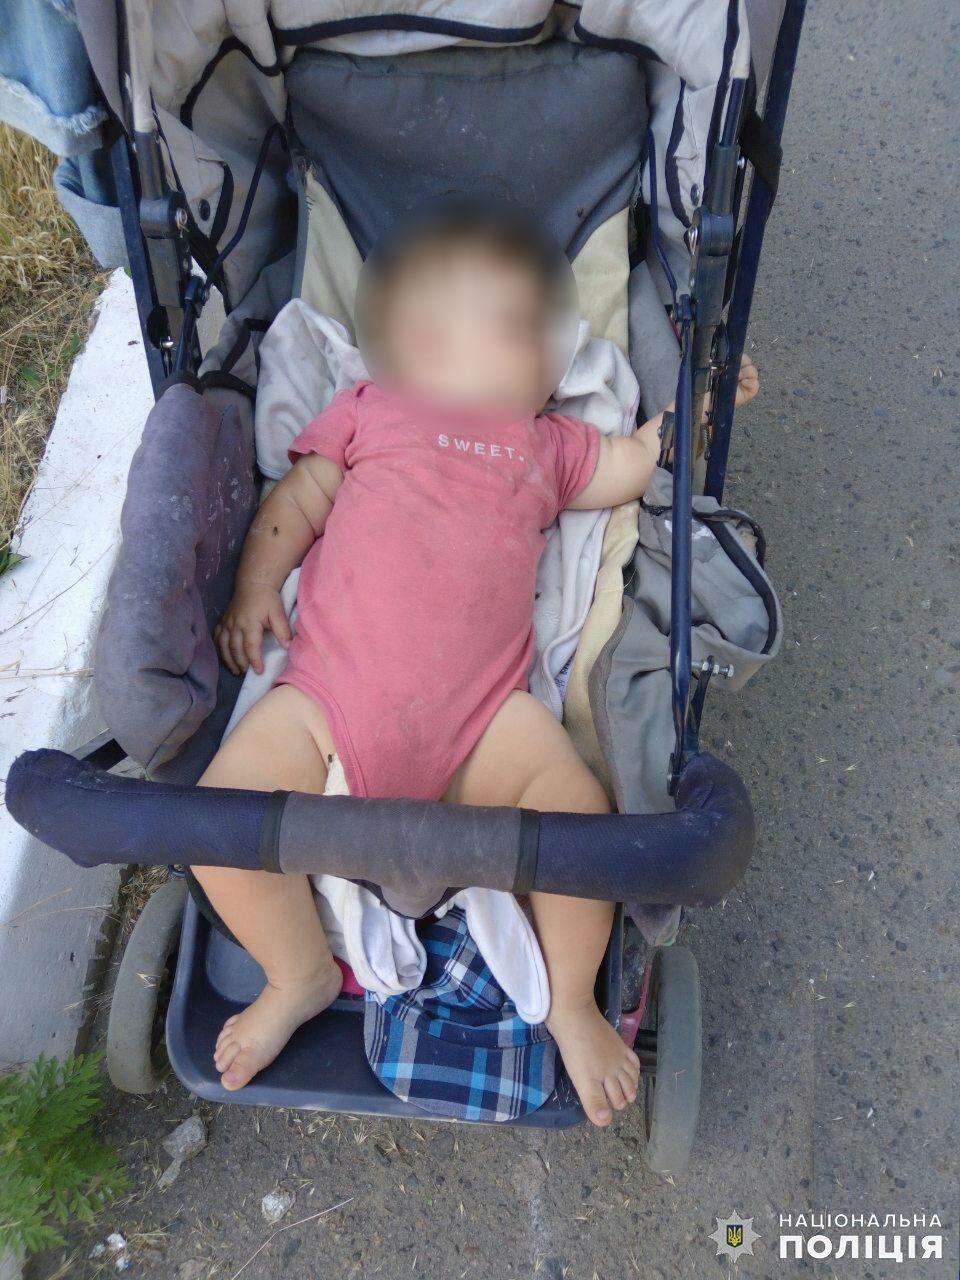 Дружковка: Пьяная мать заснула на улице, оставив в коляске 9-месячную дочь, фото-1